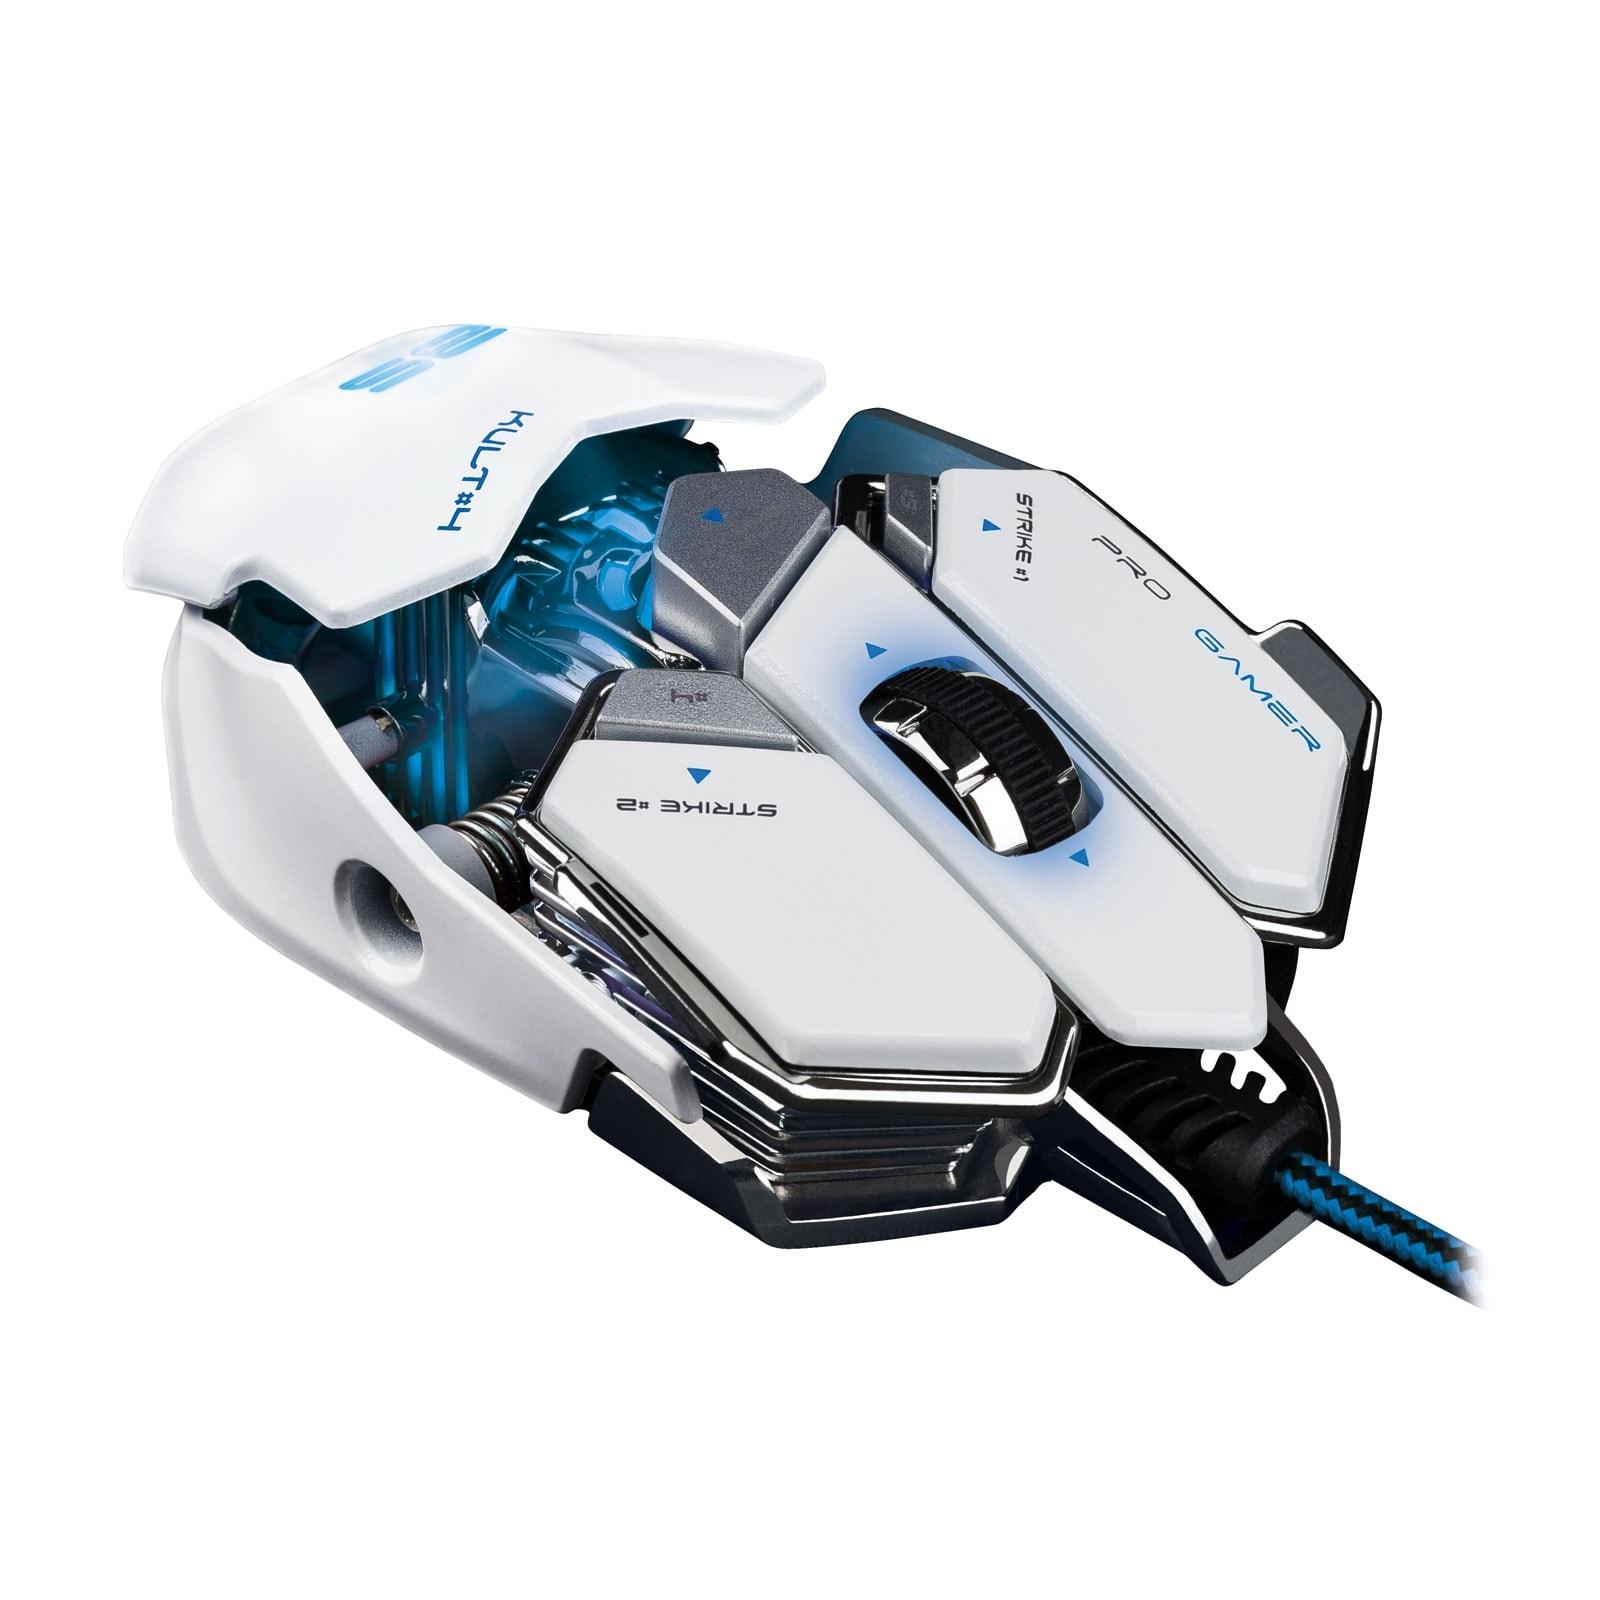 Bluestork KULT 4 WHITE ED. 3500dpi/Rétroéclairé/10 boutons (BS-GM-KULT4/W) - Achat / Vente Souris PC sur Cybertek.fr - 2